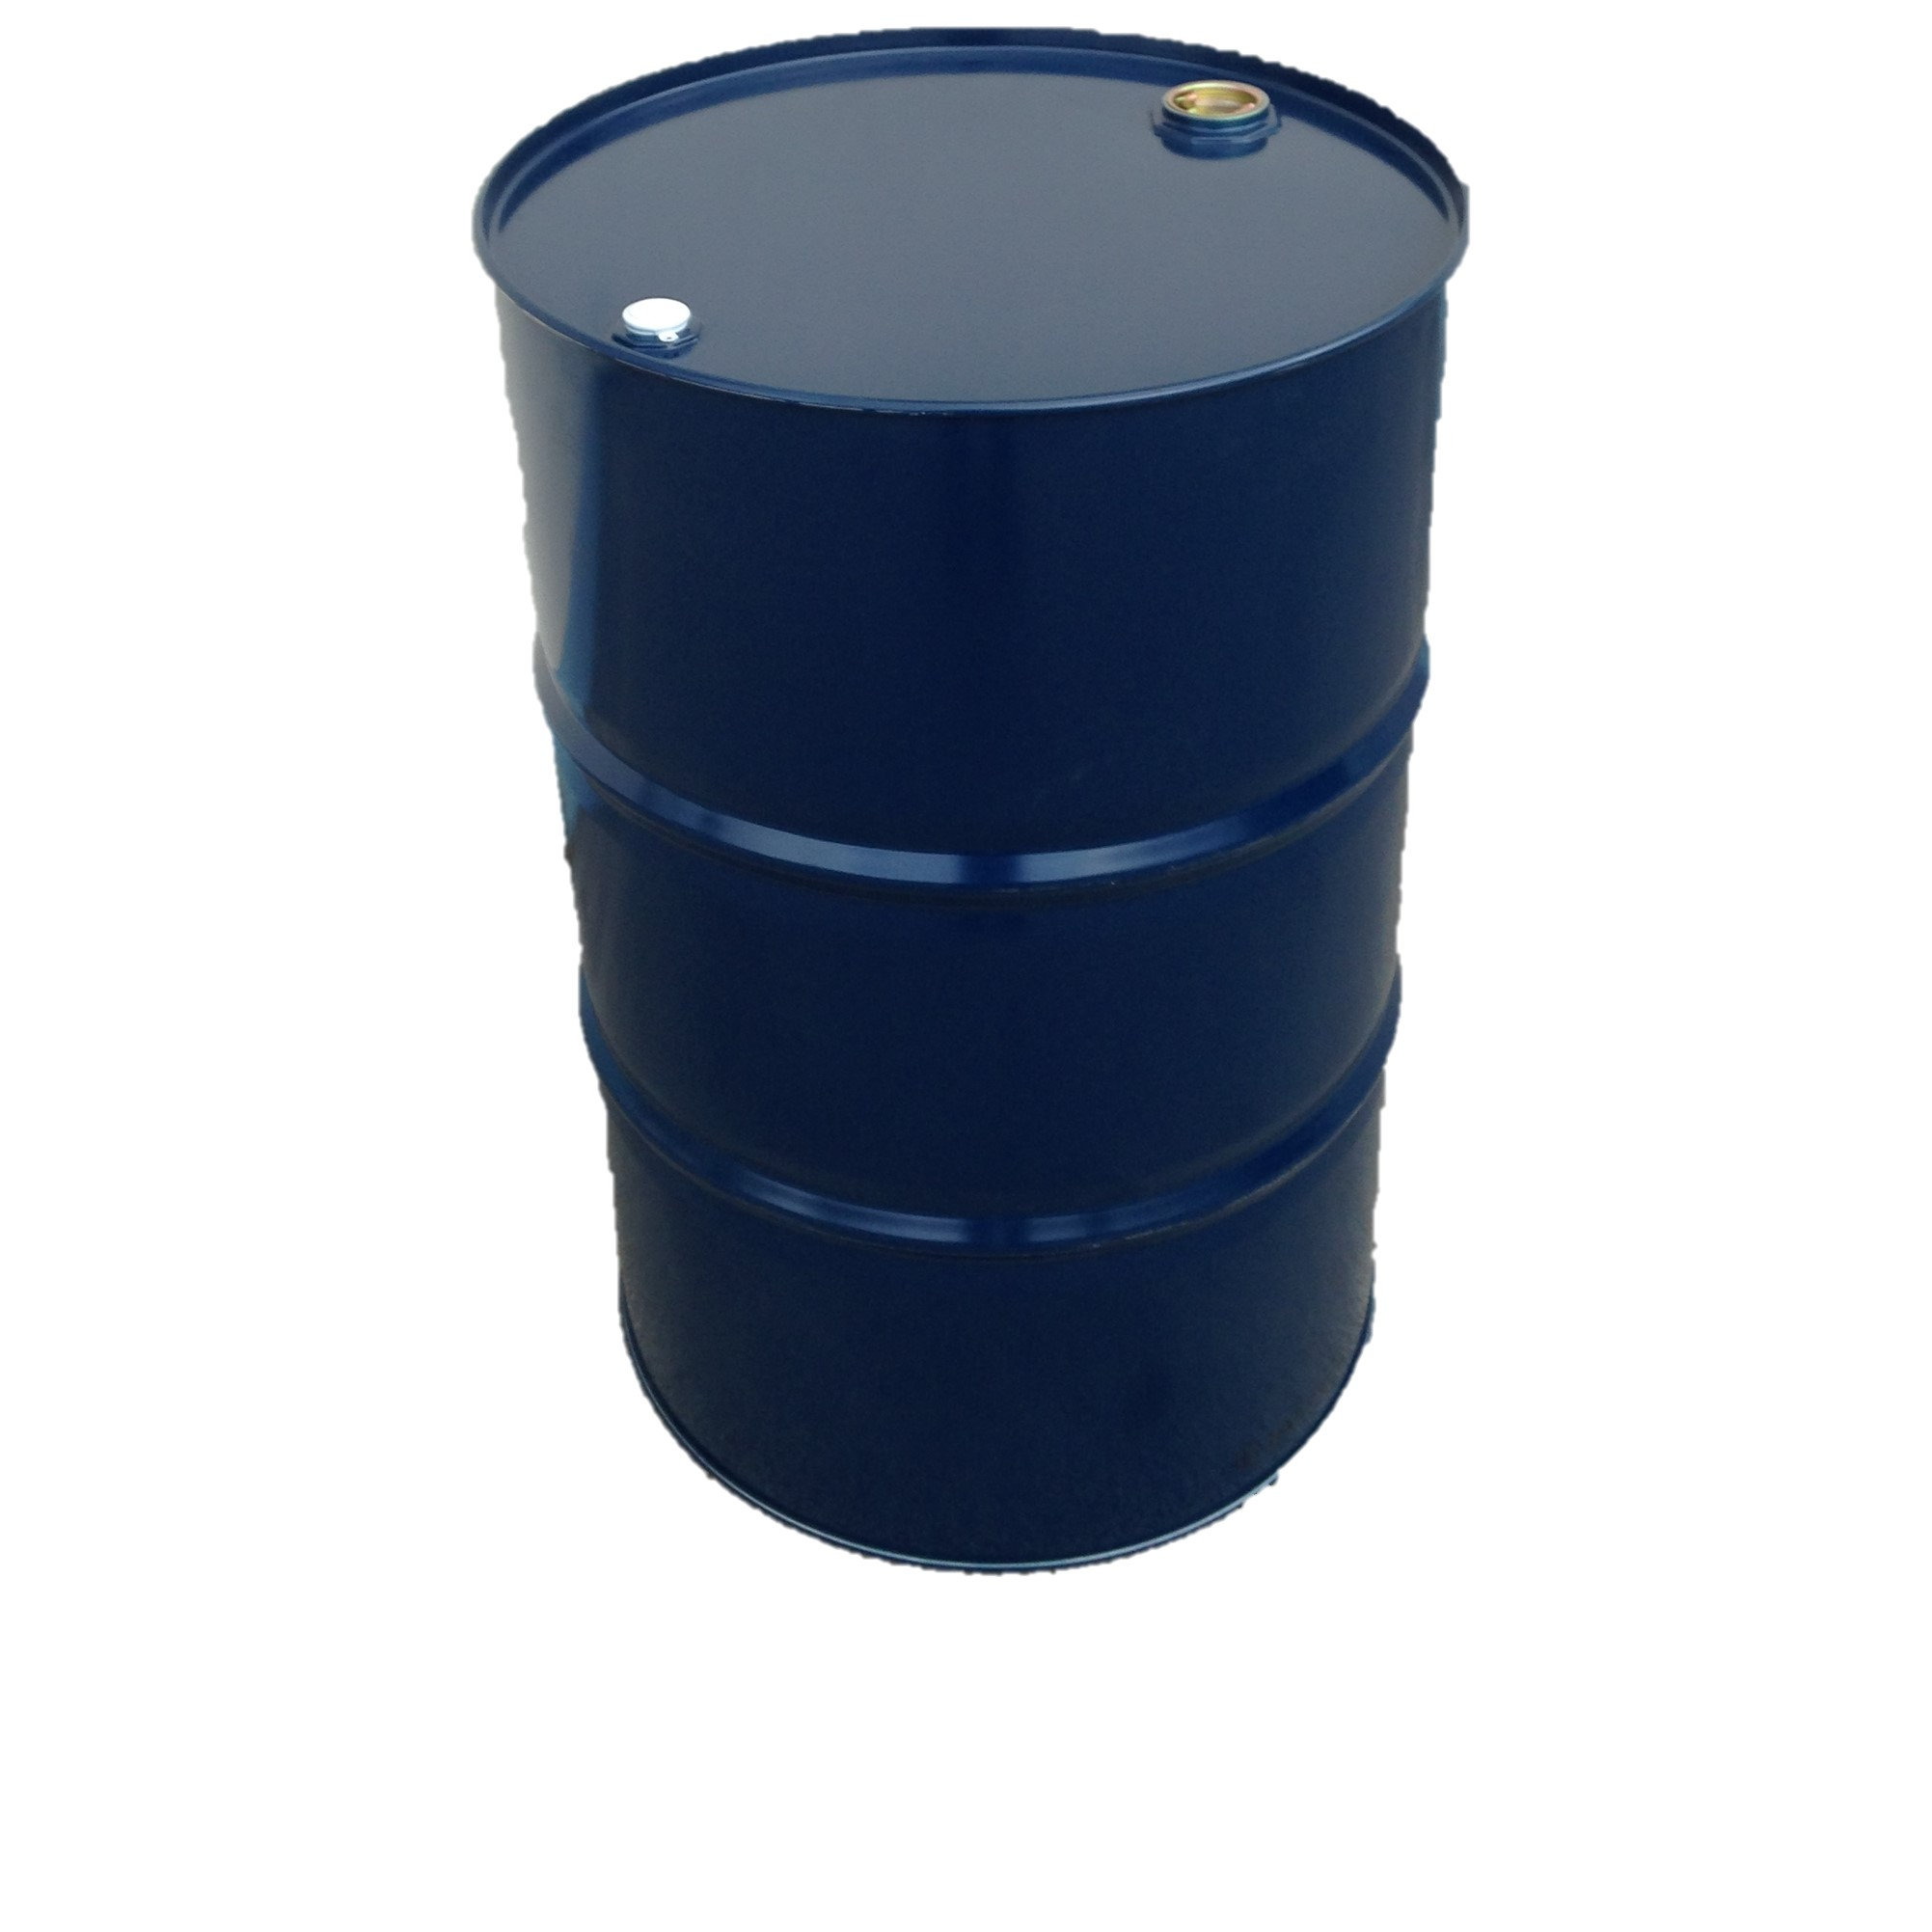 216 Liter Blechfass Stahlfass Faß Garagenfaß Ölfass Metallfass Tonne *NEU* Dunkelblau